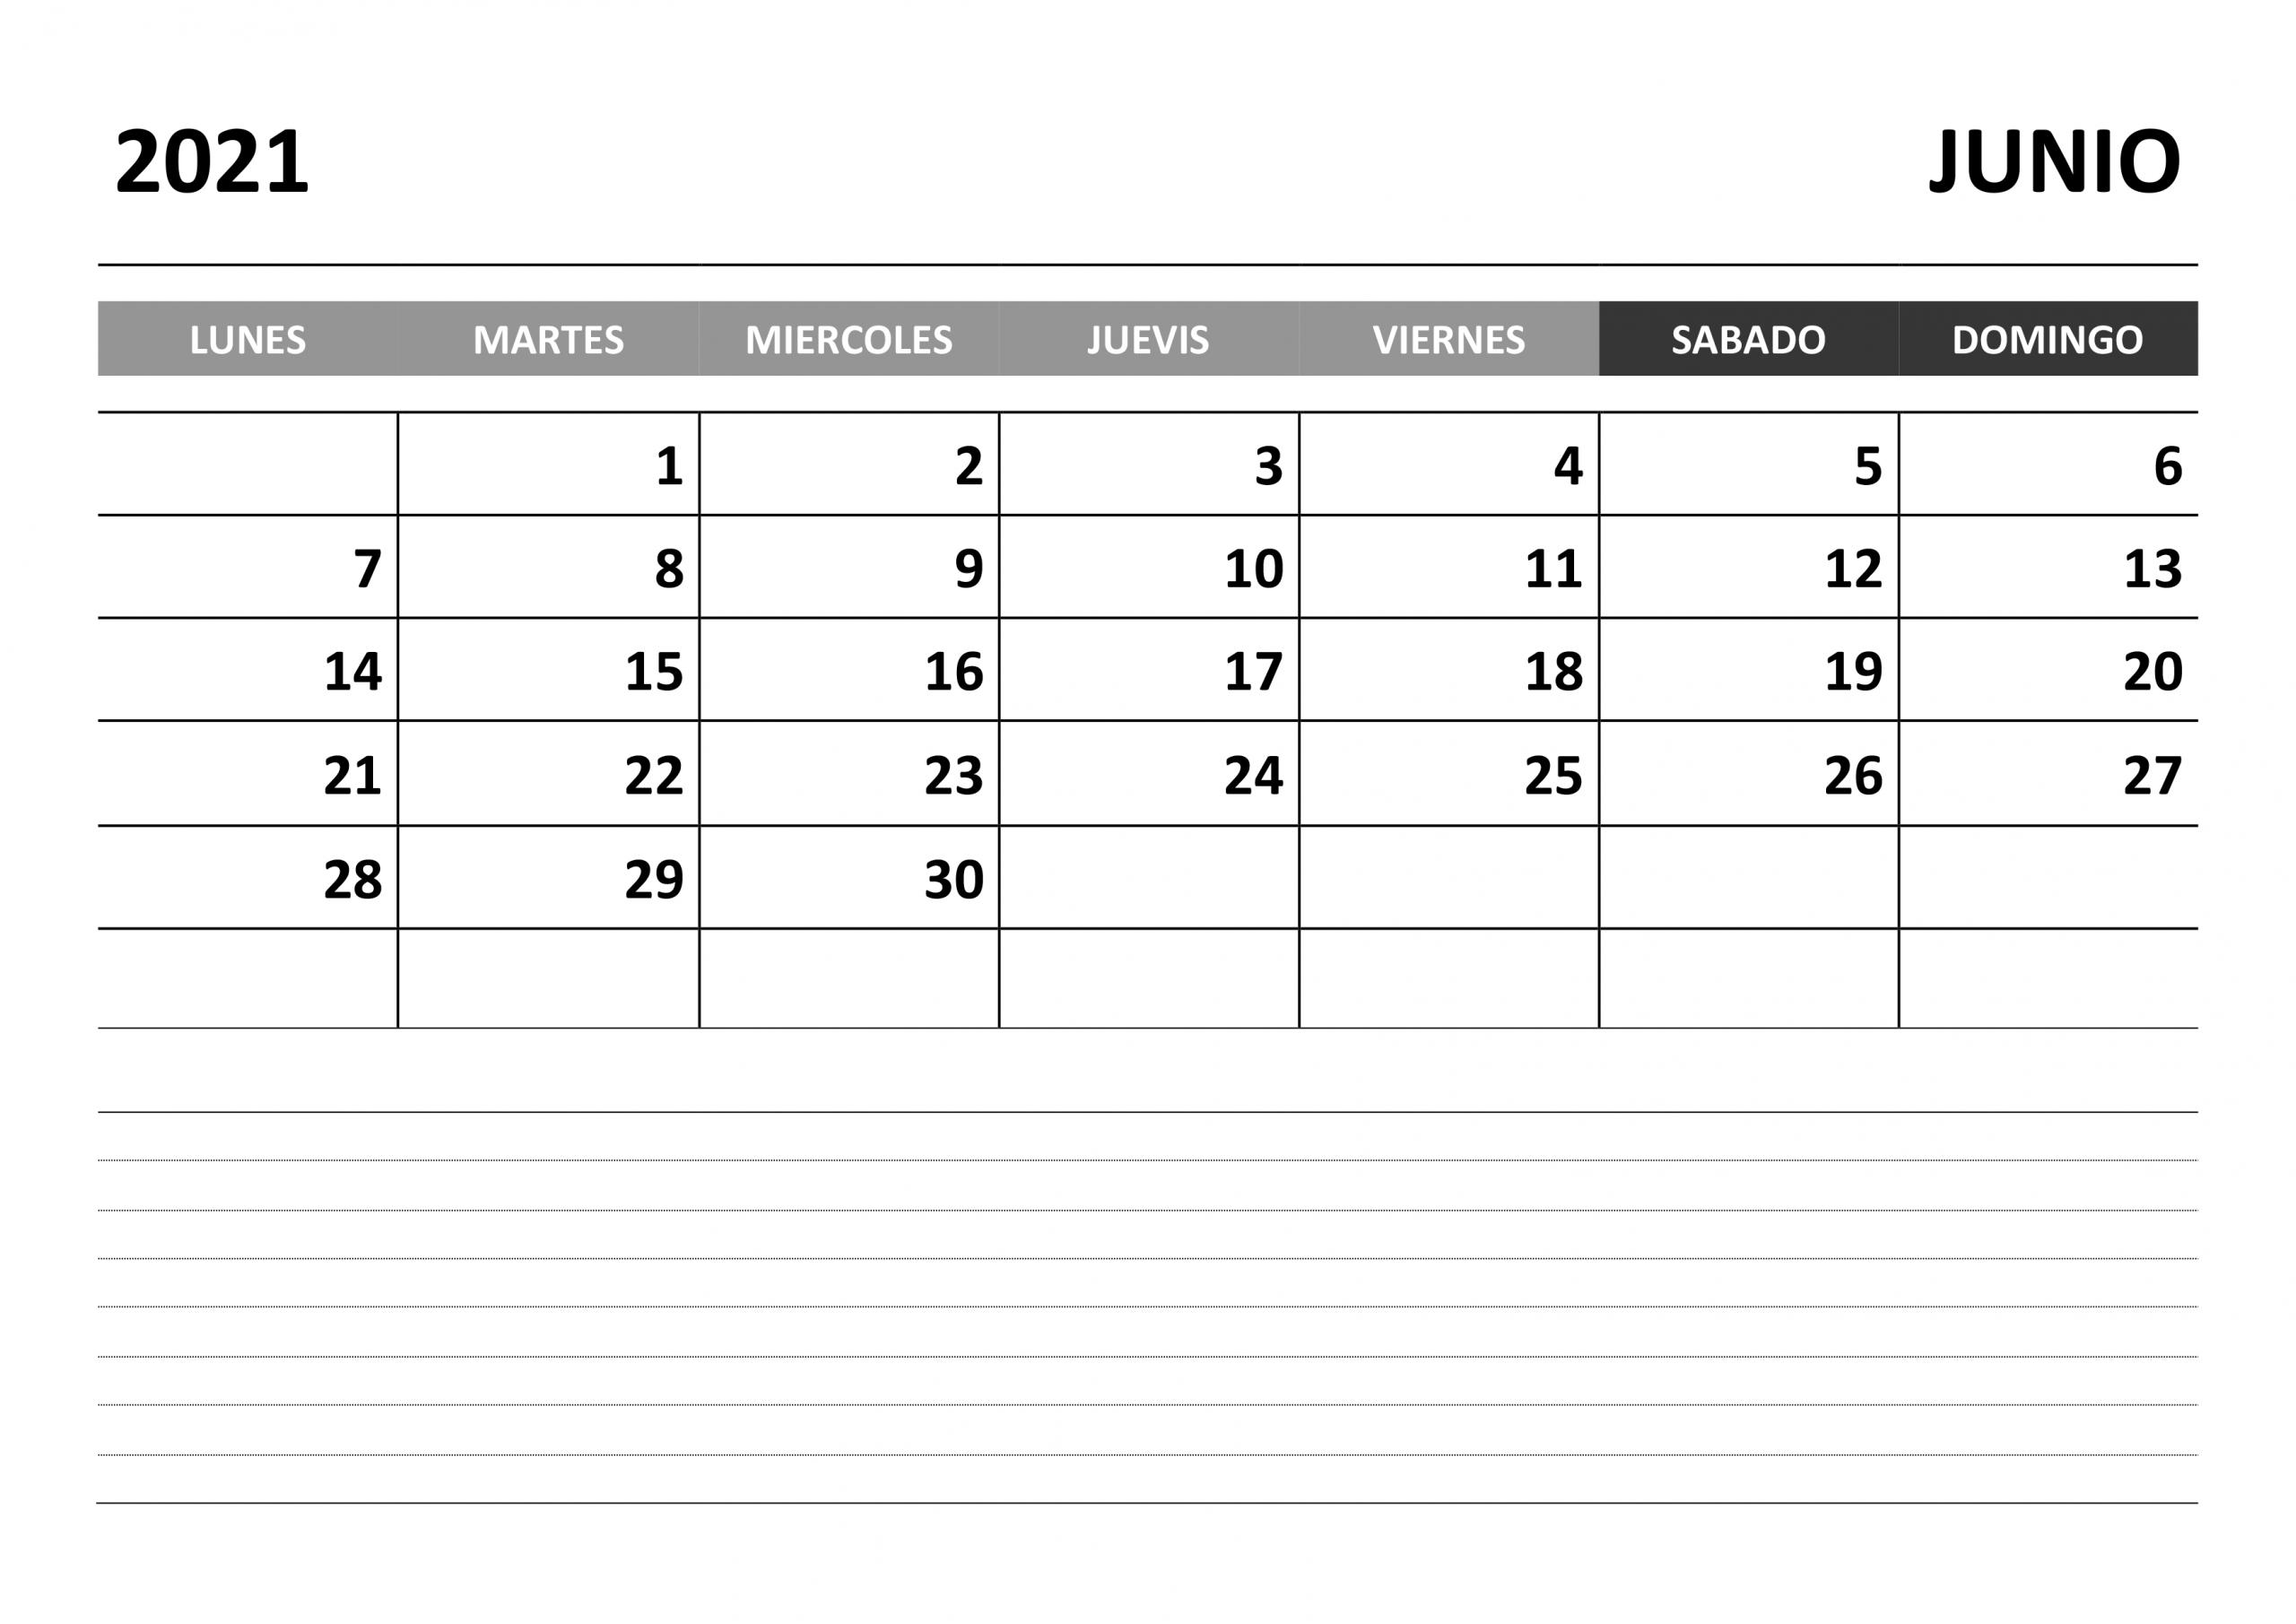 Calendario Junio 2021 - Calendariossu